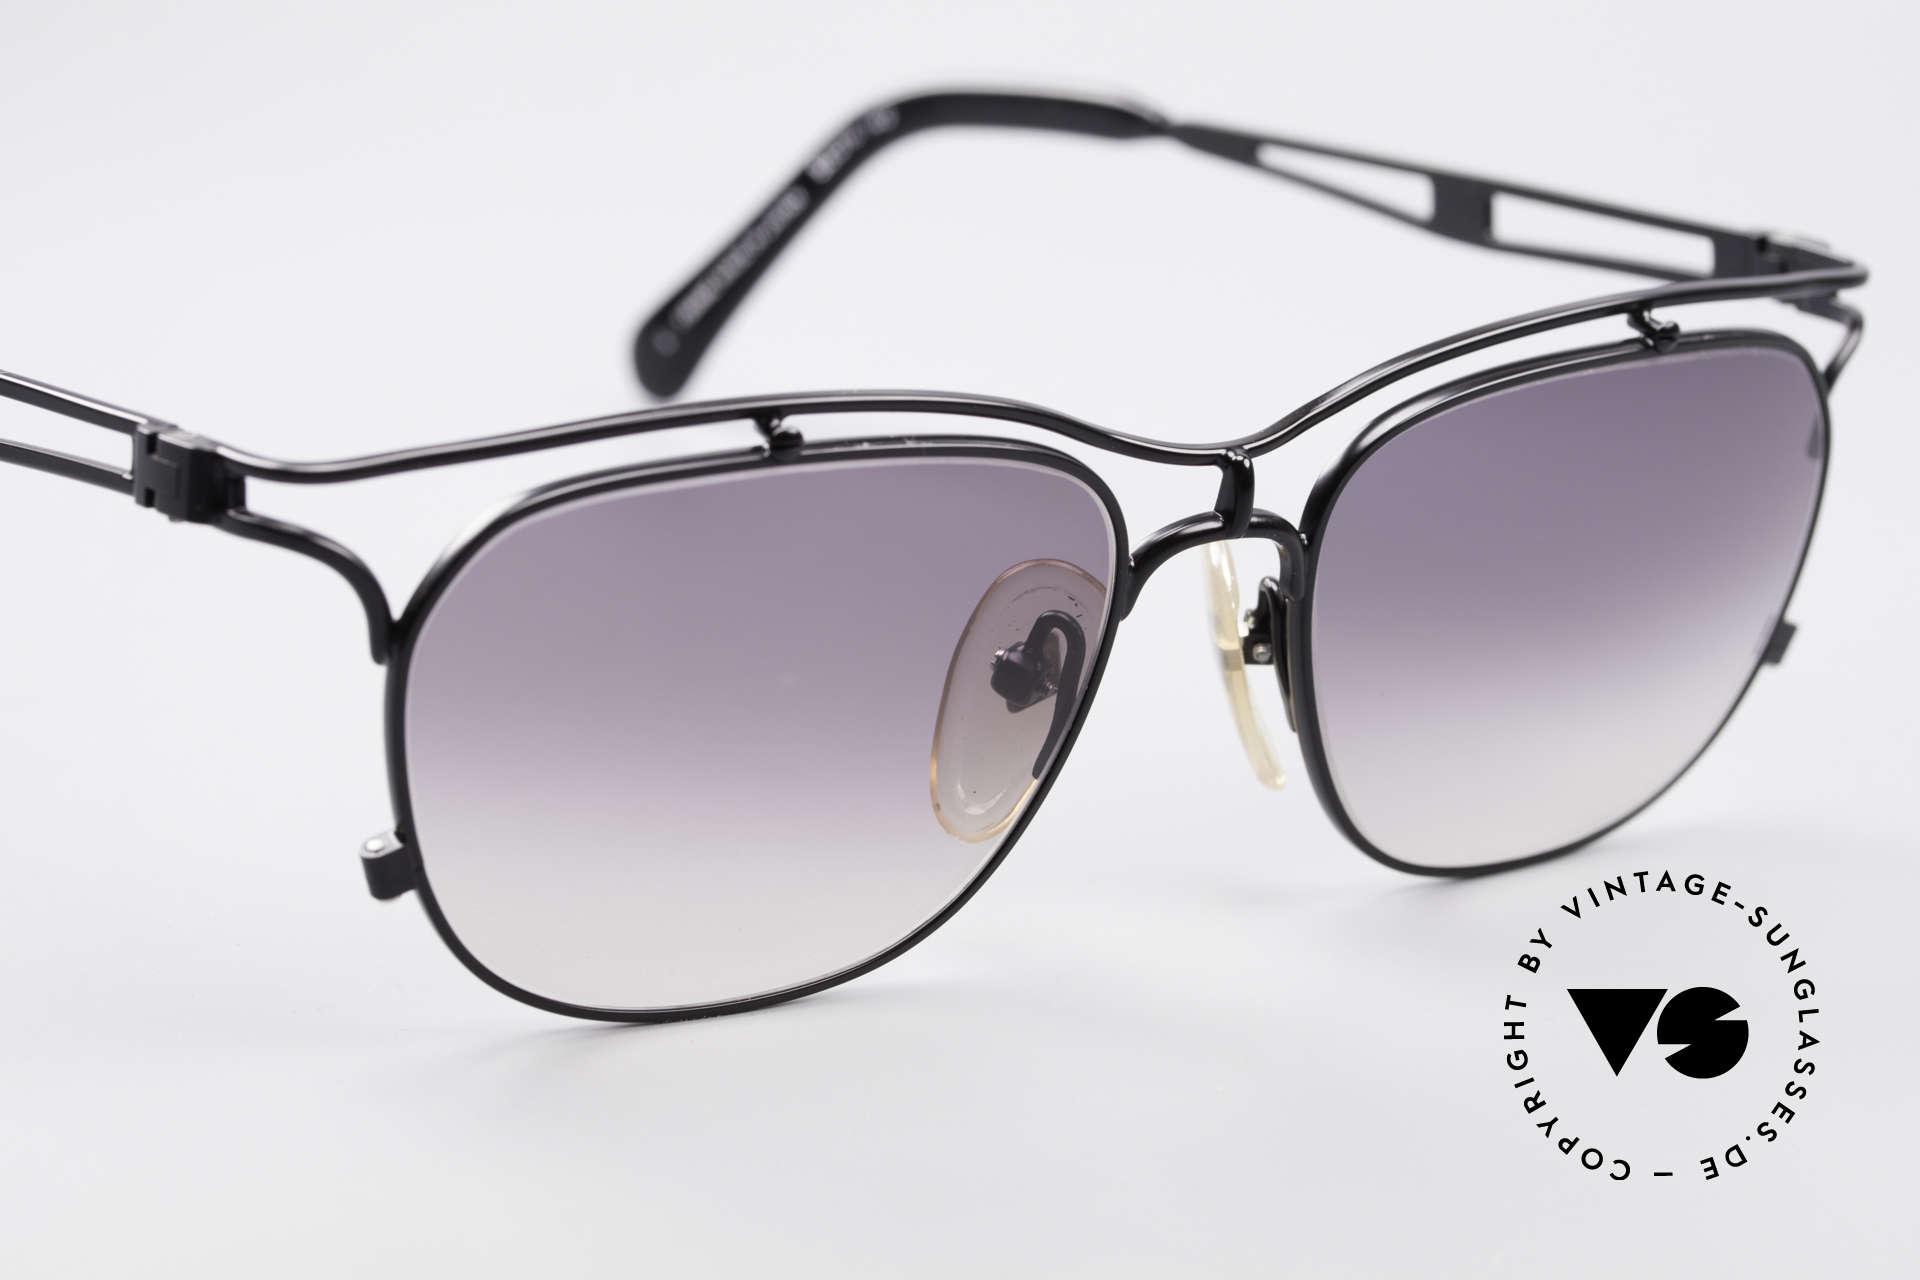 Jean Paul Gaultier 55-2178 No Retro JPG Designerbrille, KEINE RETROBRILLE, sondern ein 90er ORIGINAL, Passend für Herren und Damen